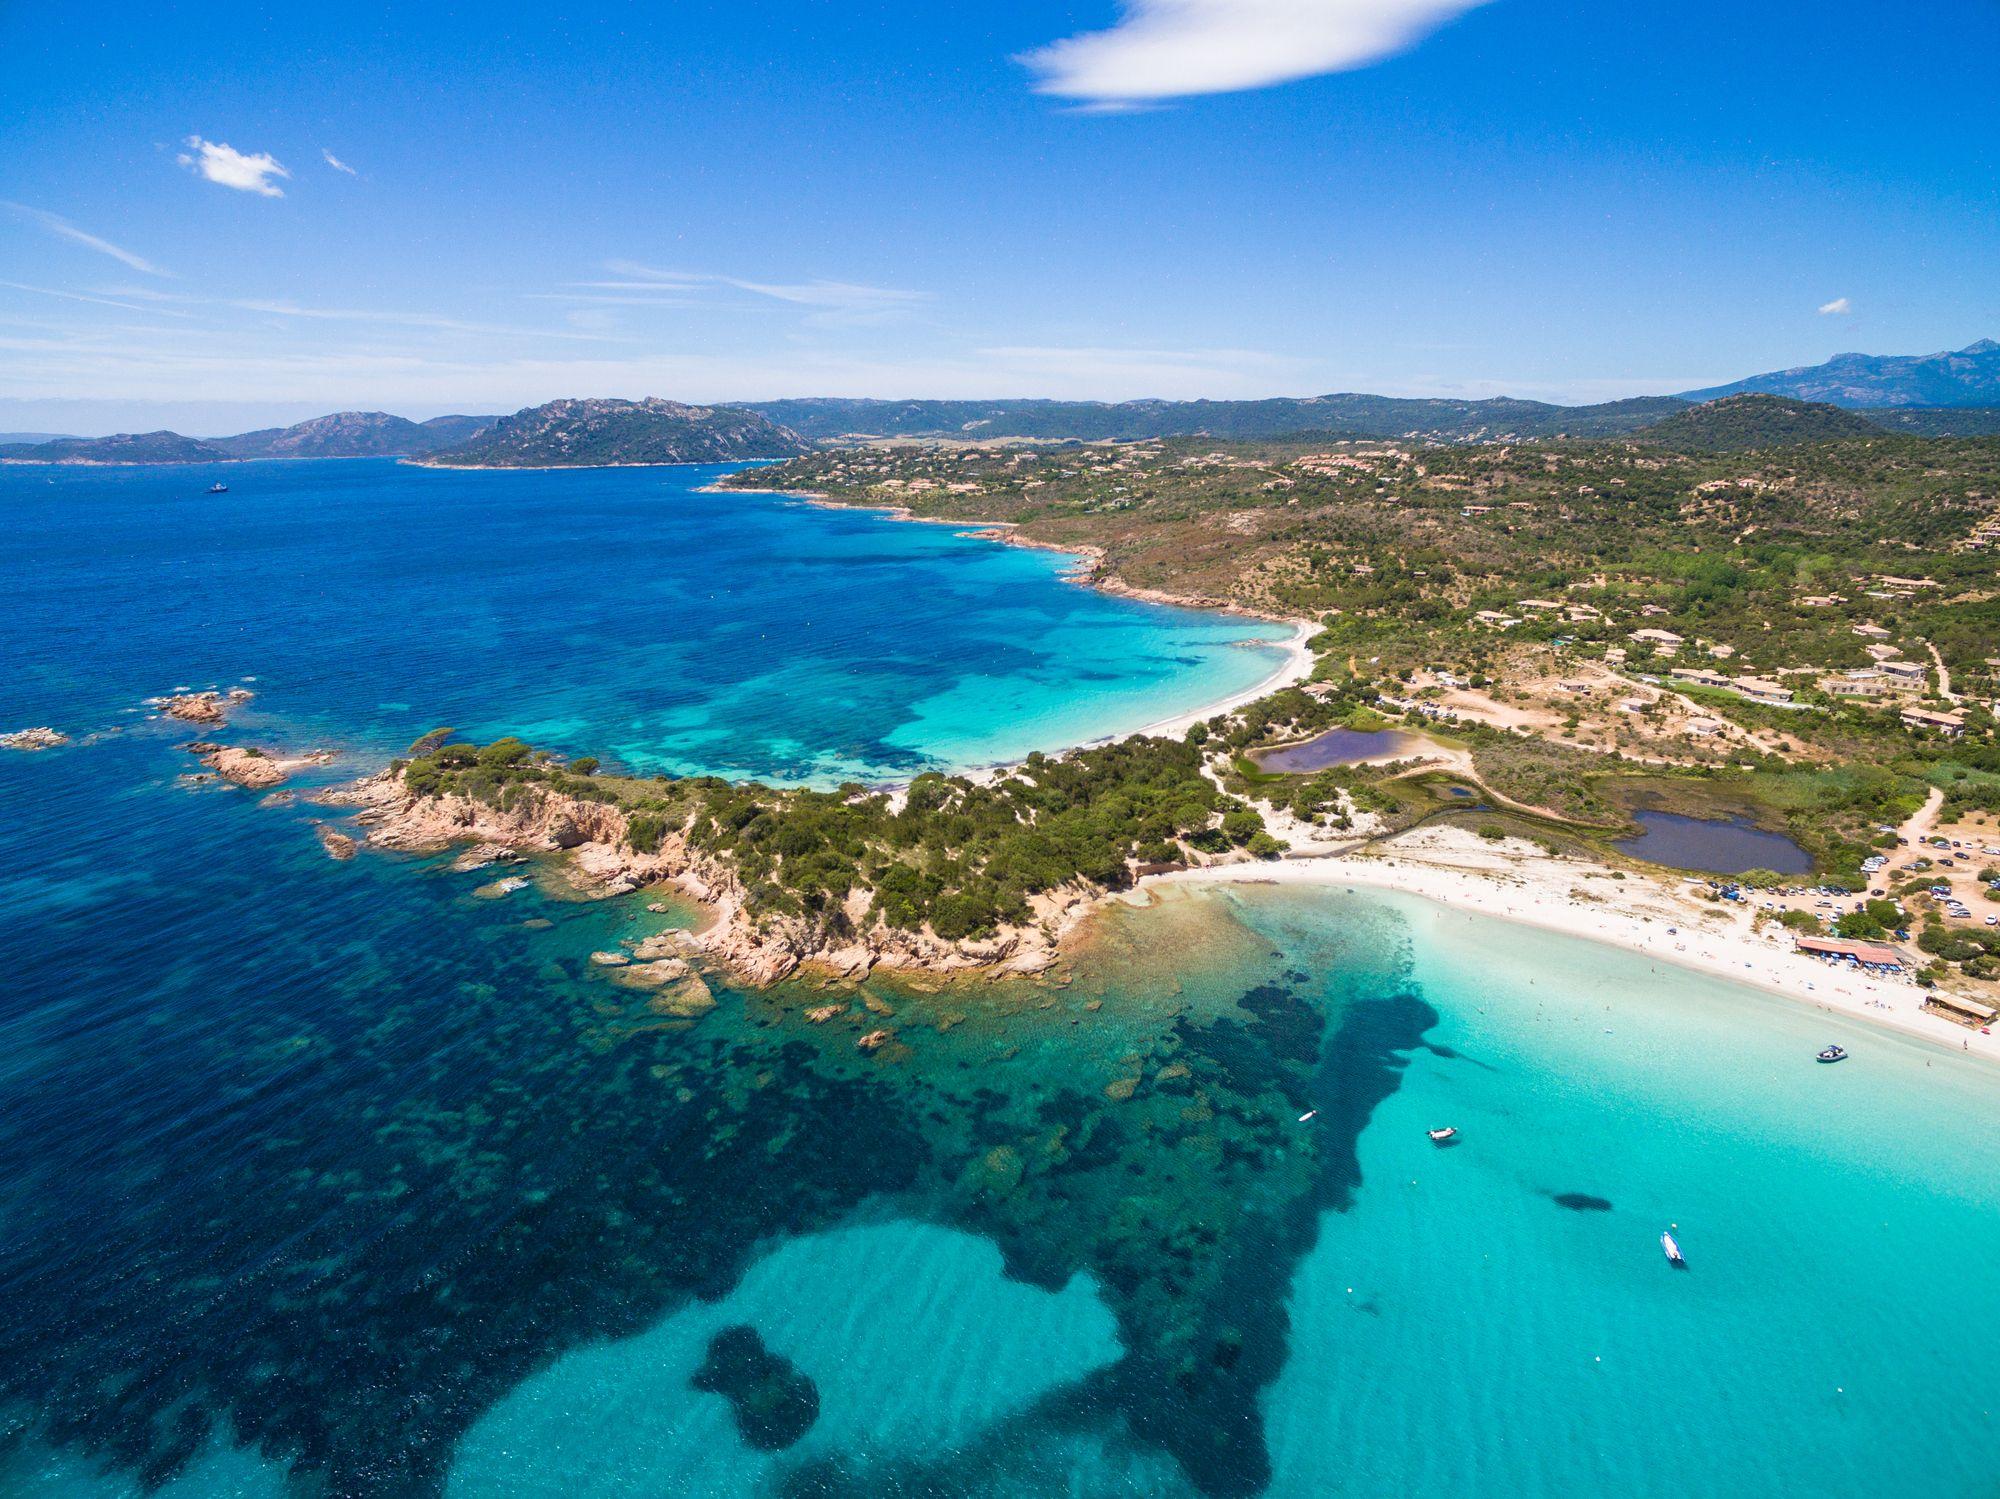 Dove andare in Corsica tra mare cristallino e paesaggi rurali incontaminati